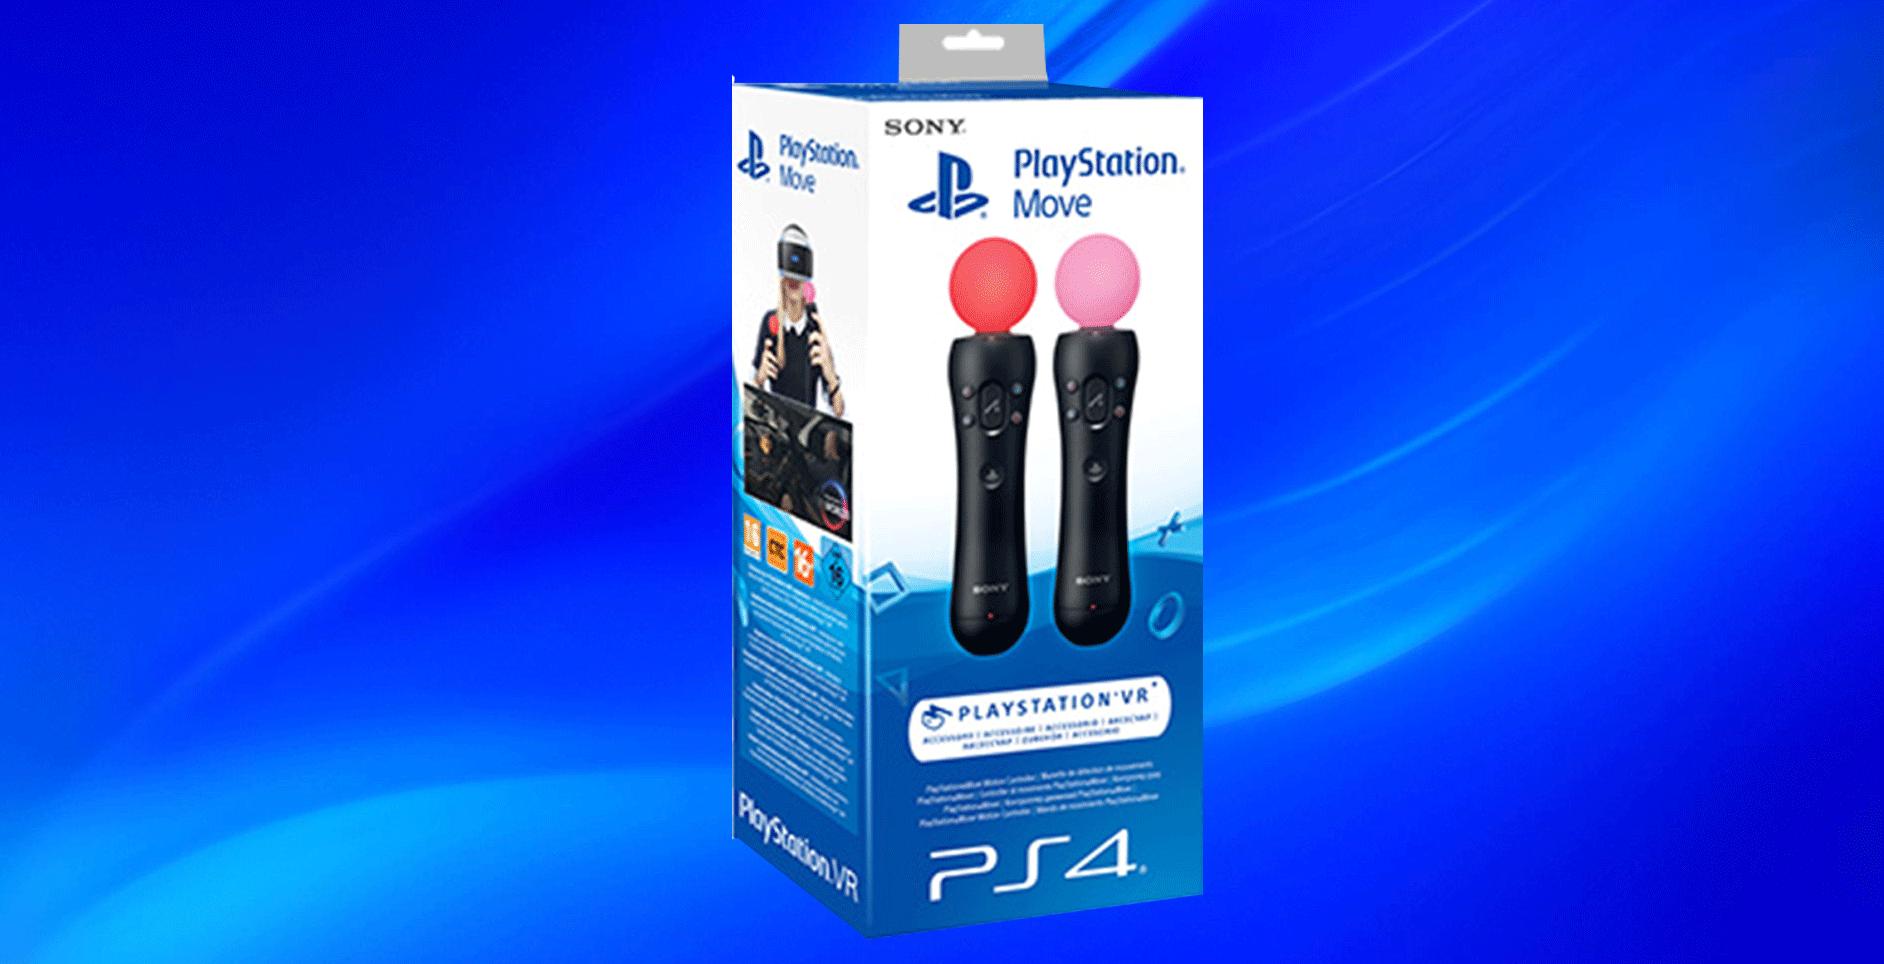 Nuevo PlayStation Move VR Vendrá en paquete de 2 en PS4